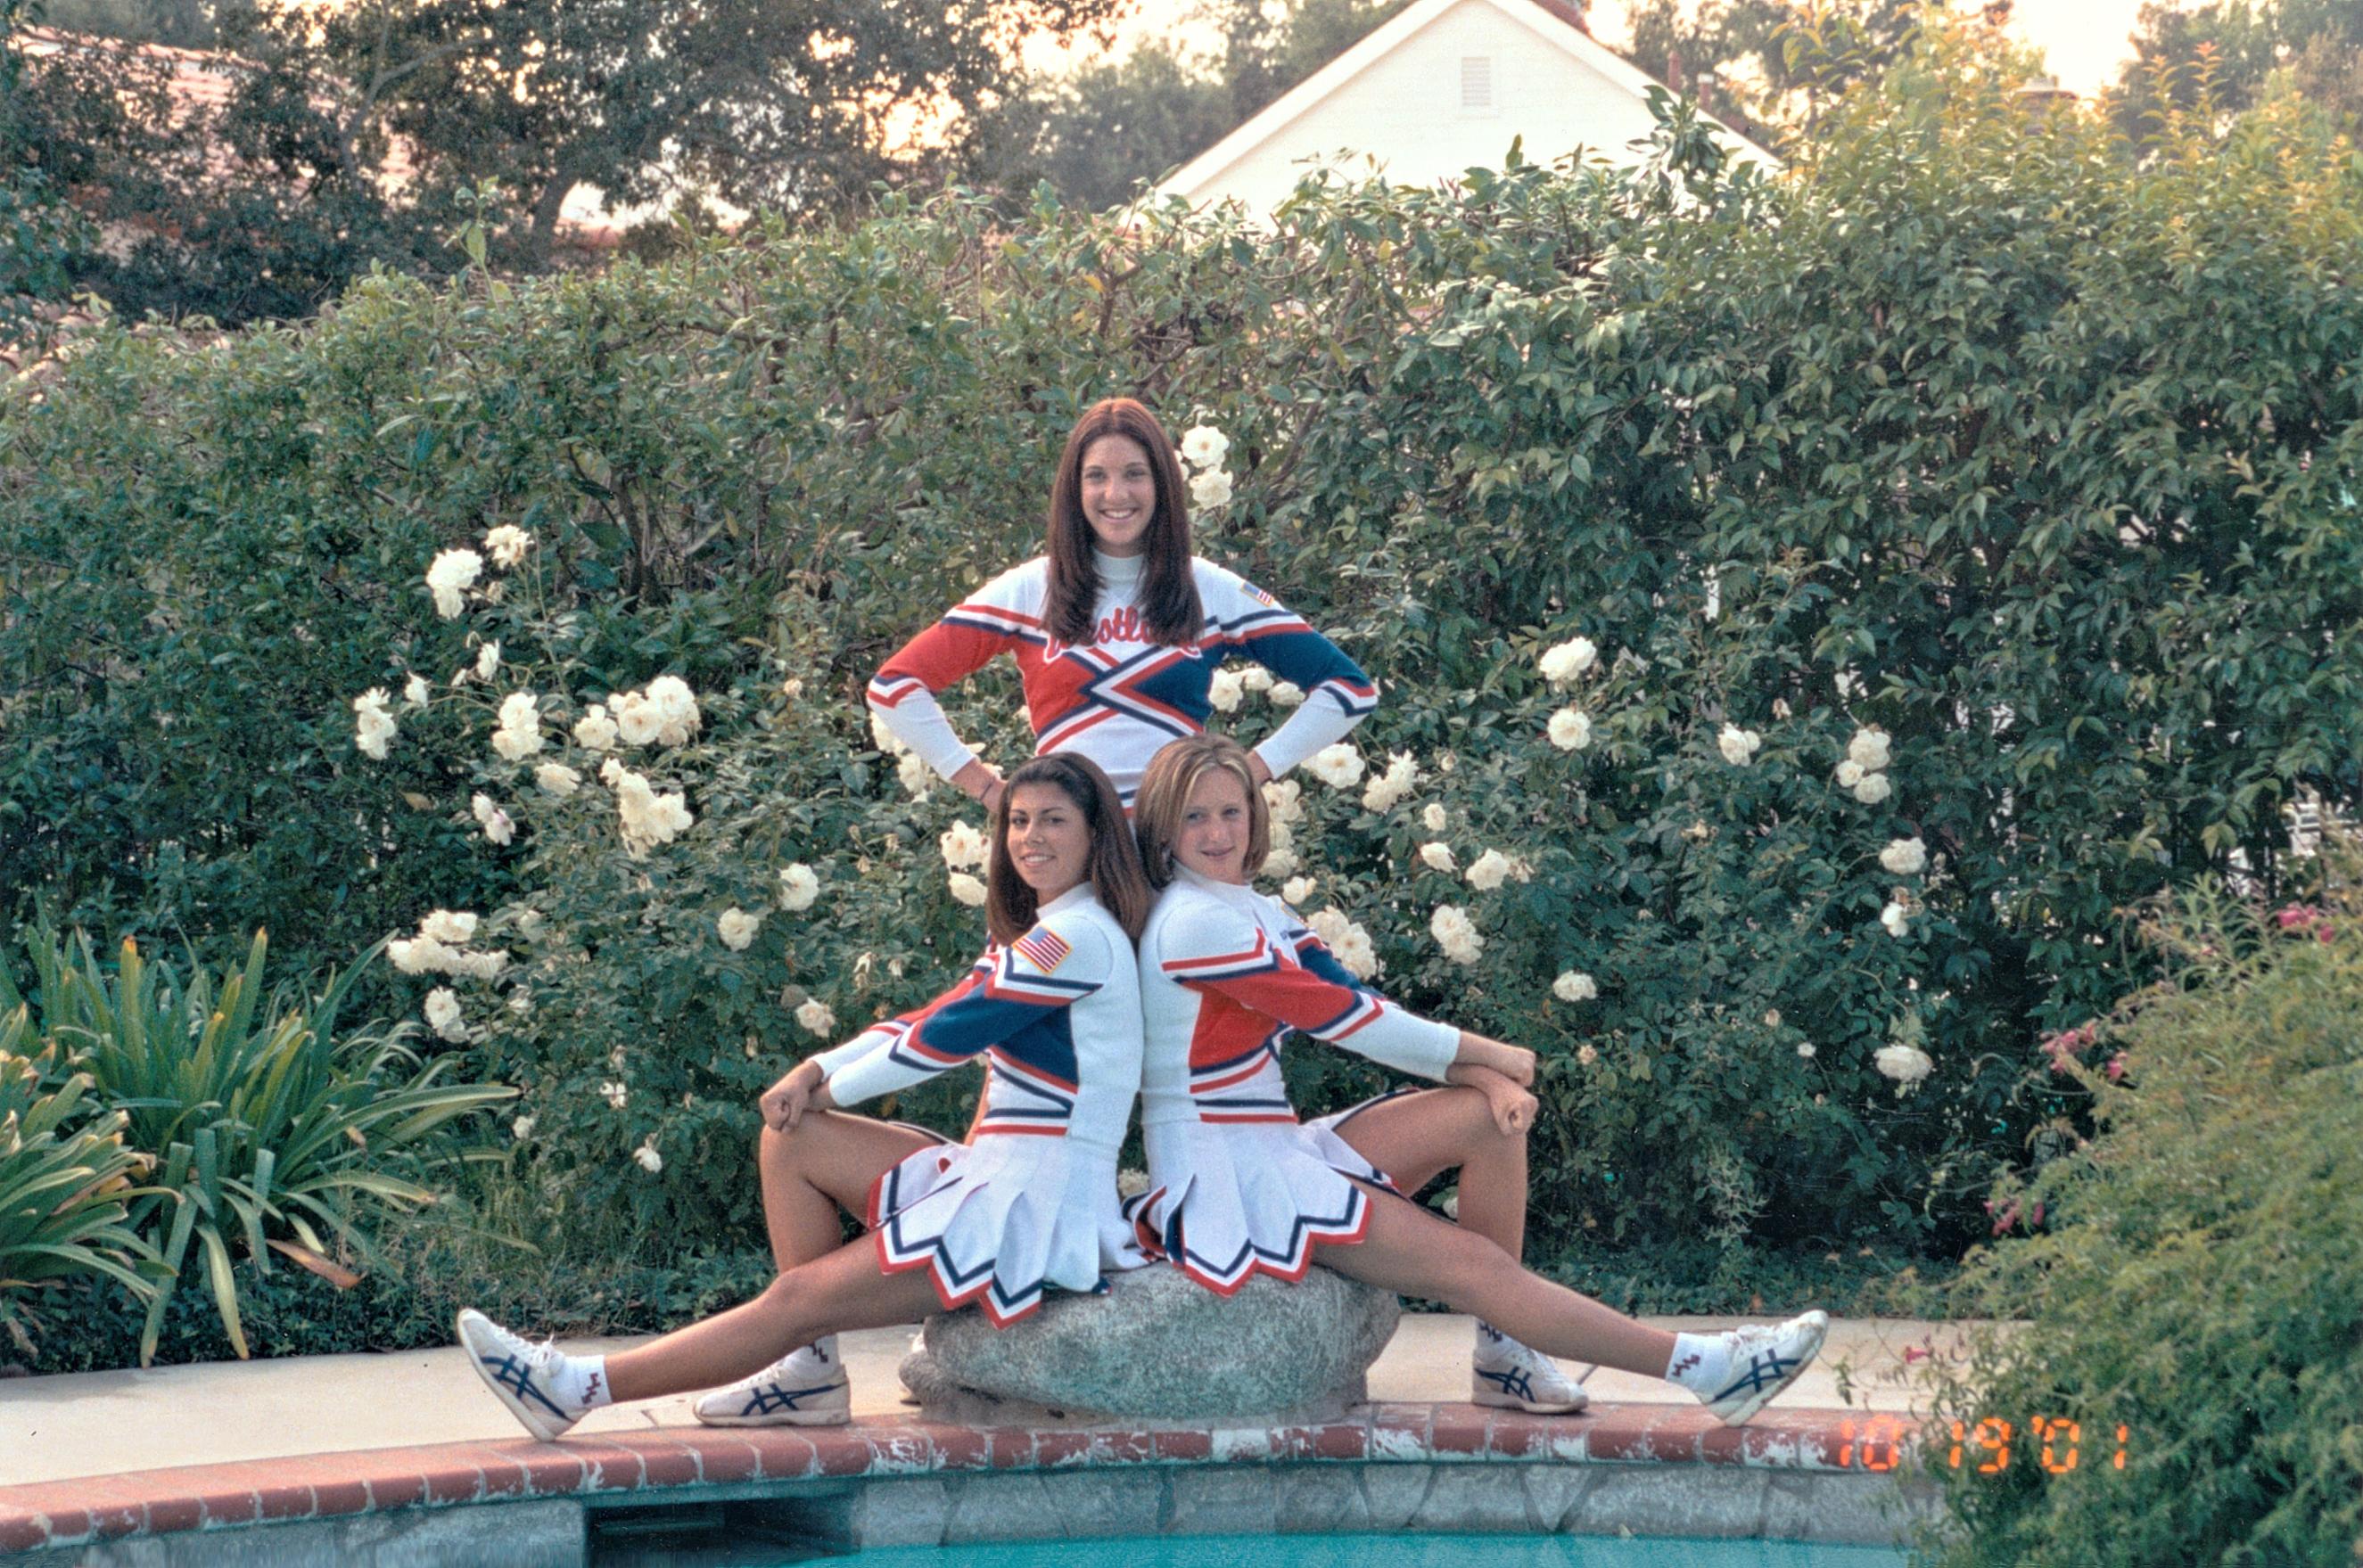 Cheerleader am Pool auf Stein